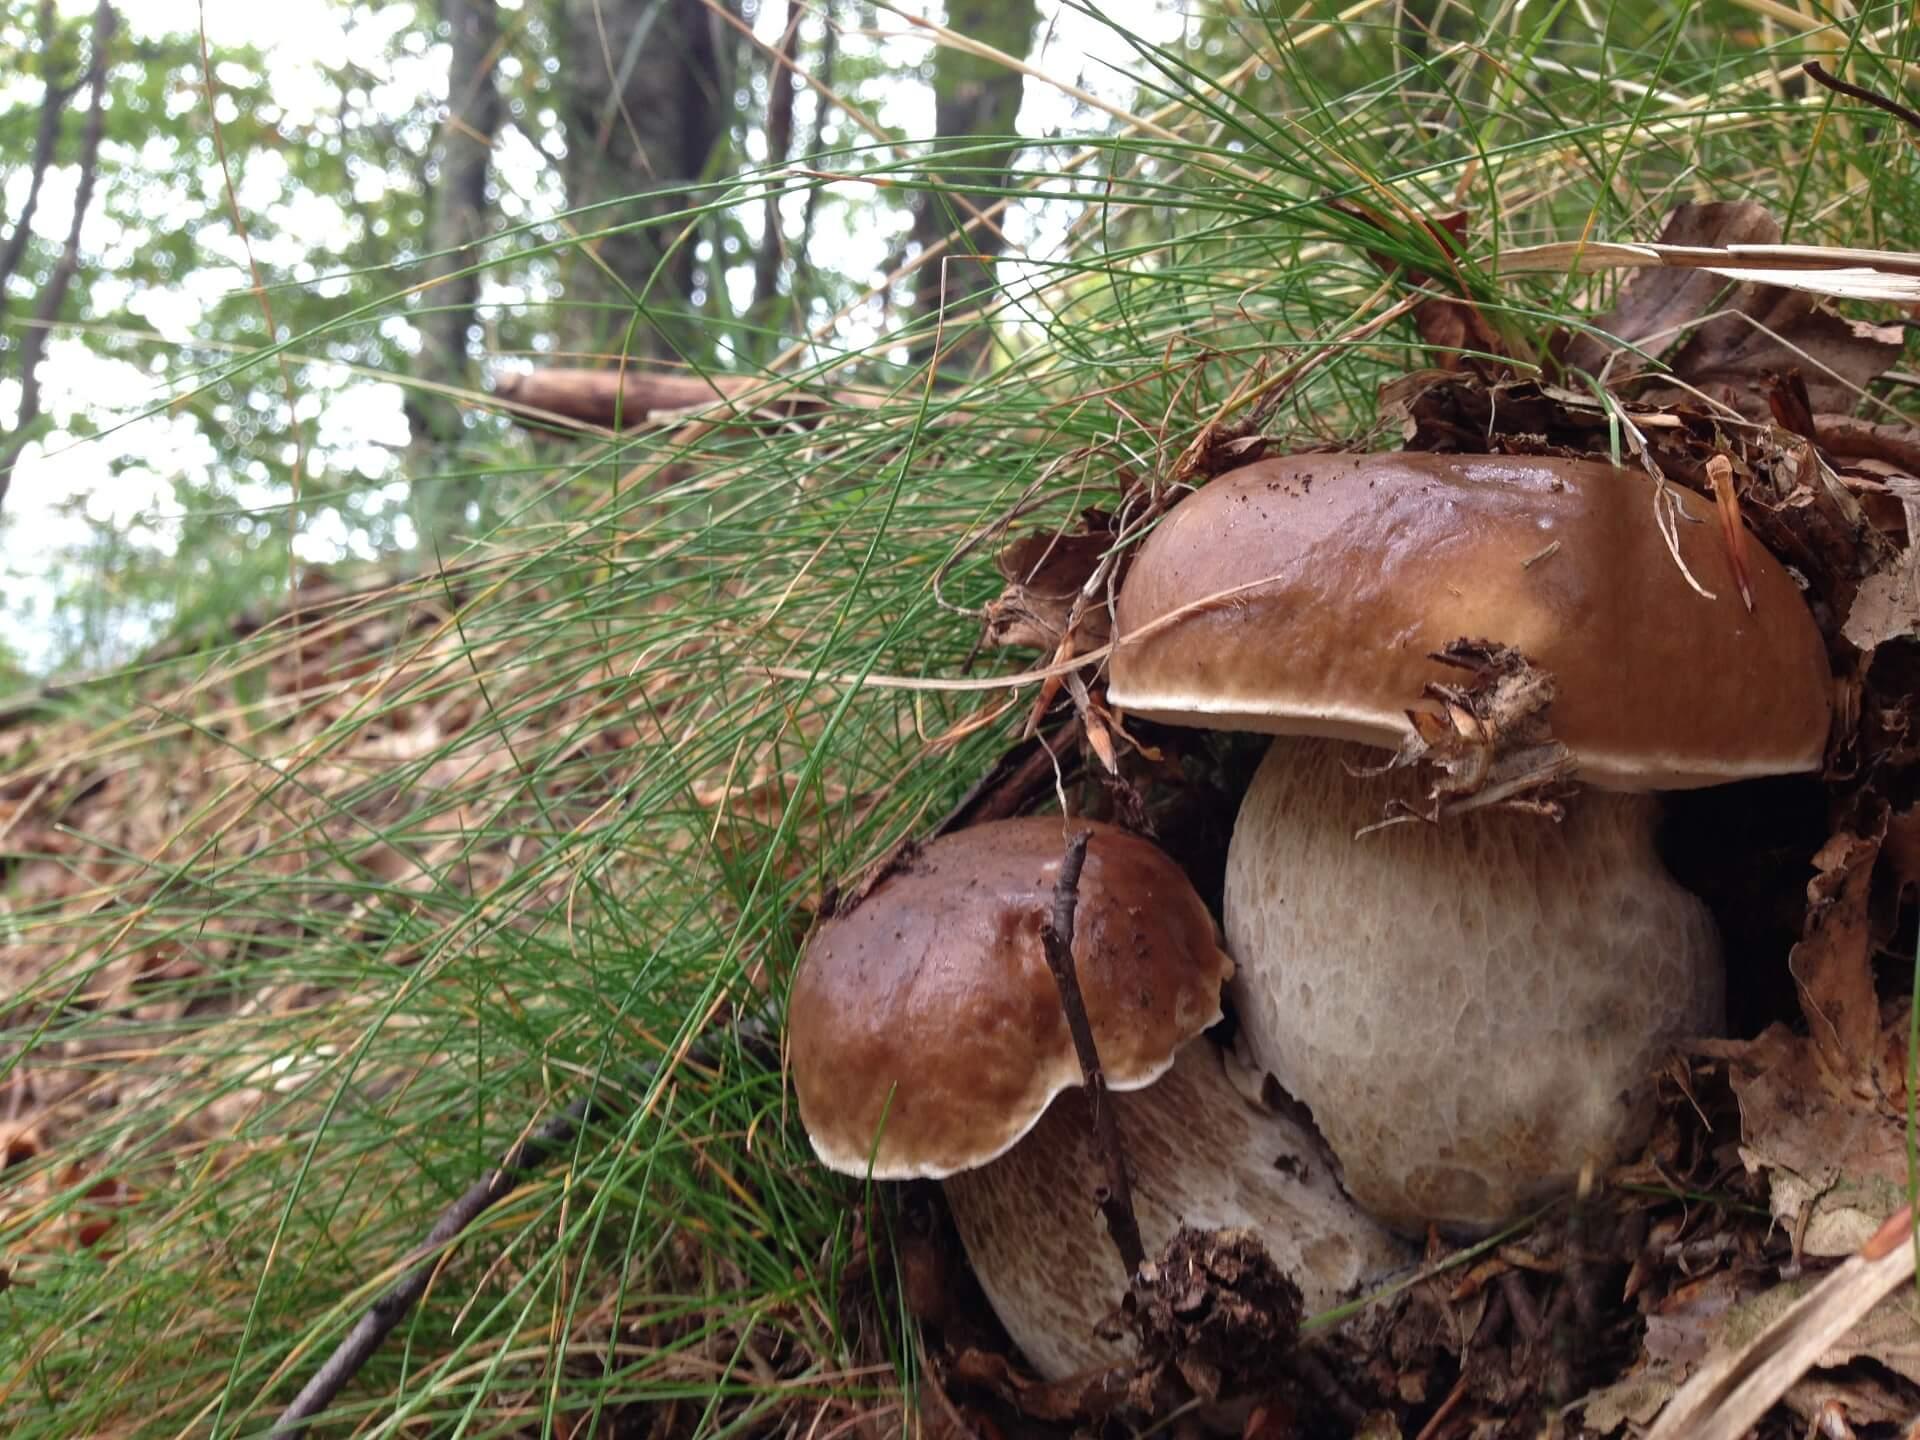 negozio specializzato nel reparto raccolta funghi in Val Brembana